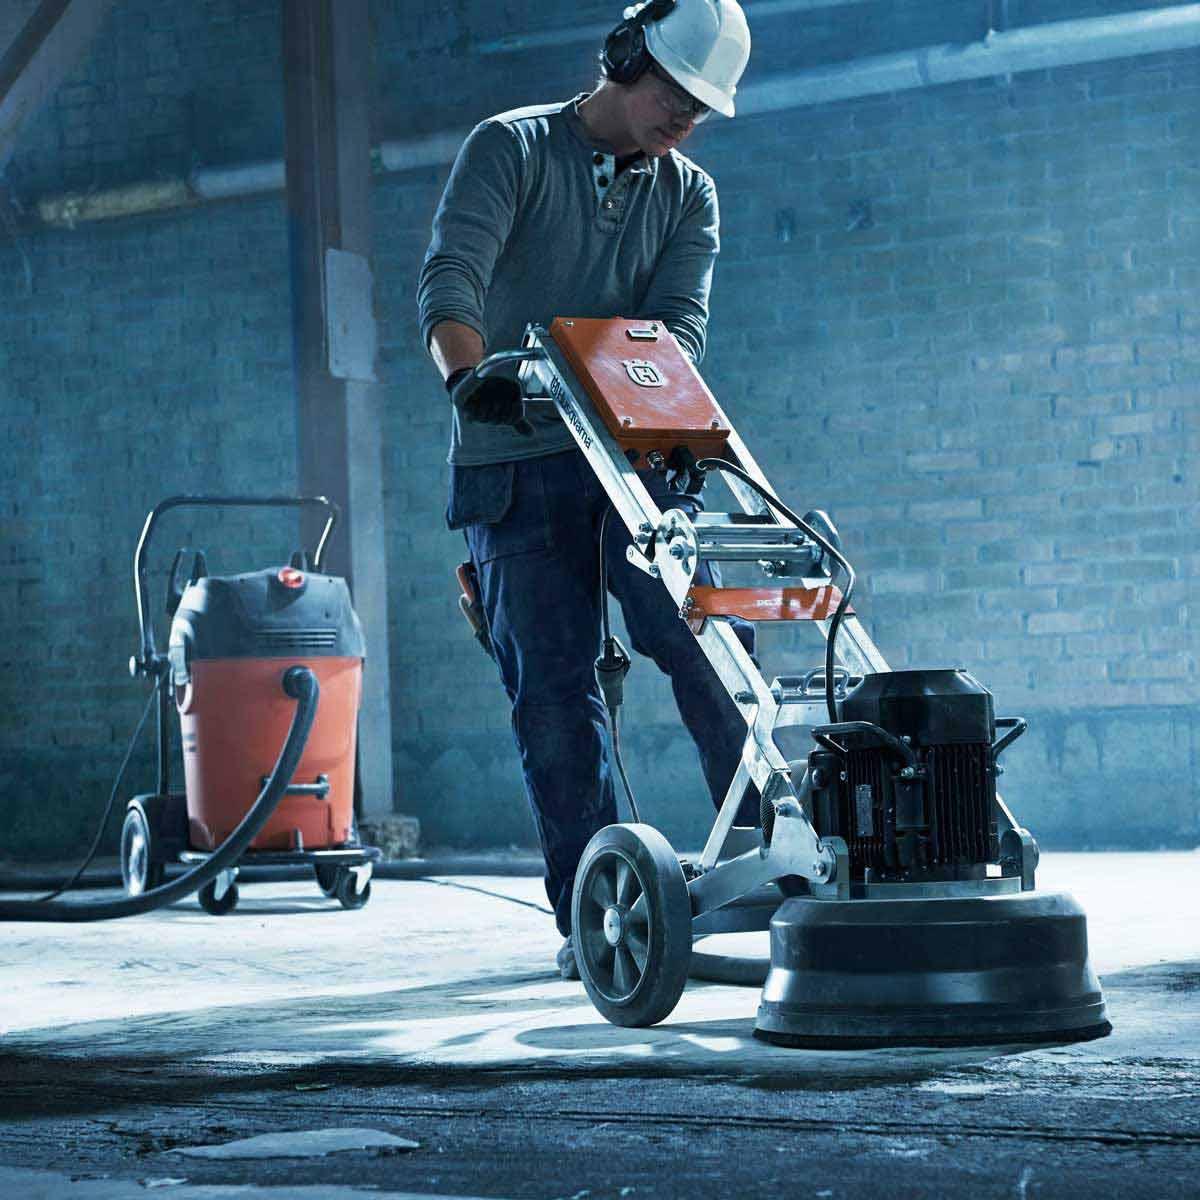 Husqvarna PG 450 vacuum concrete